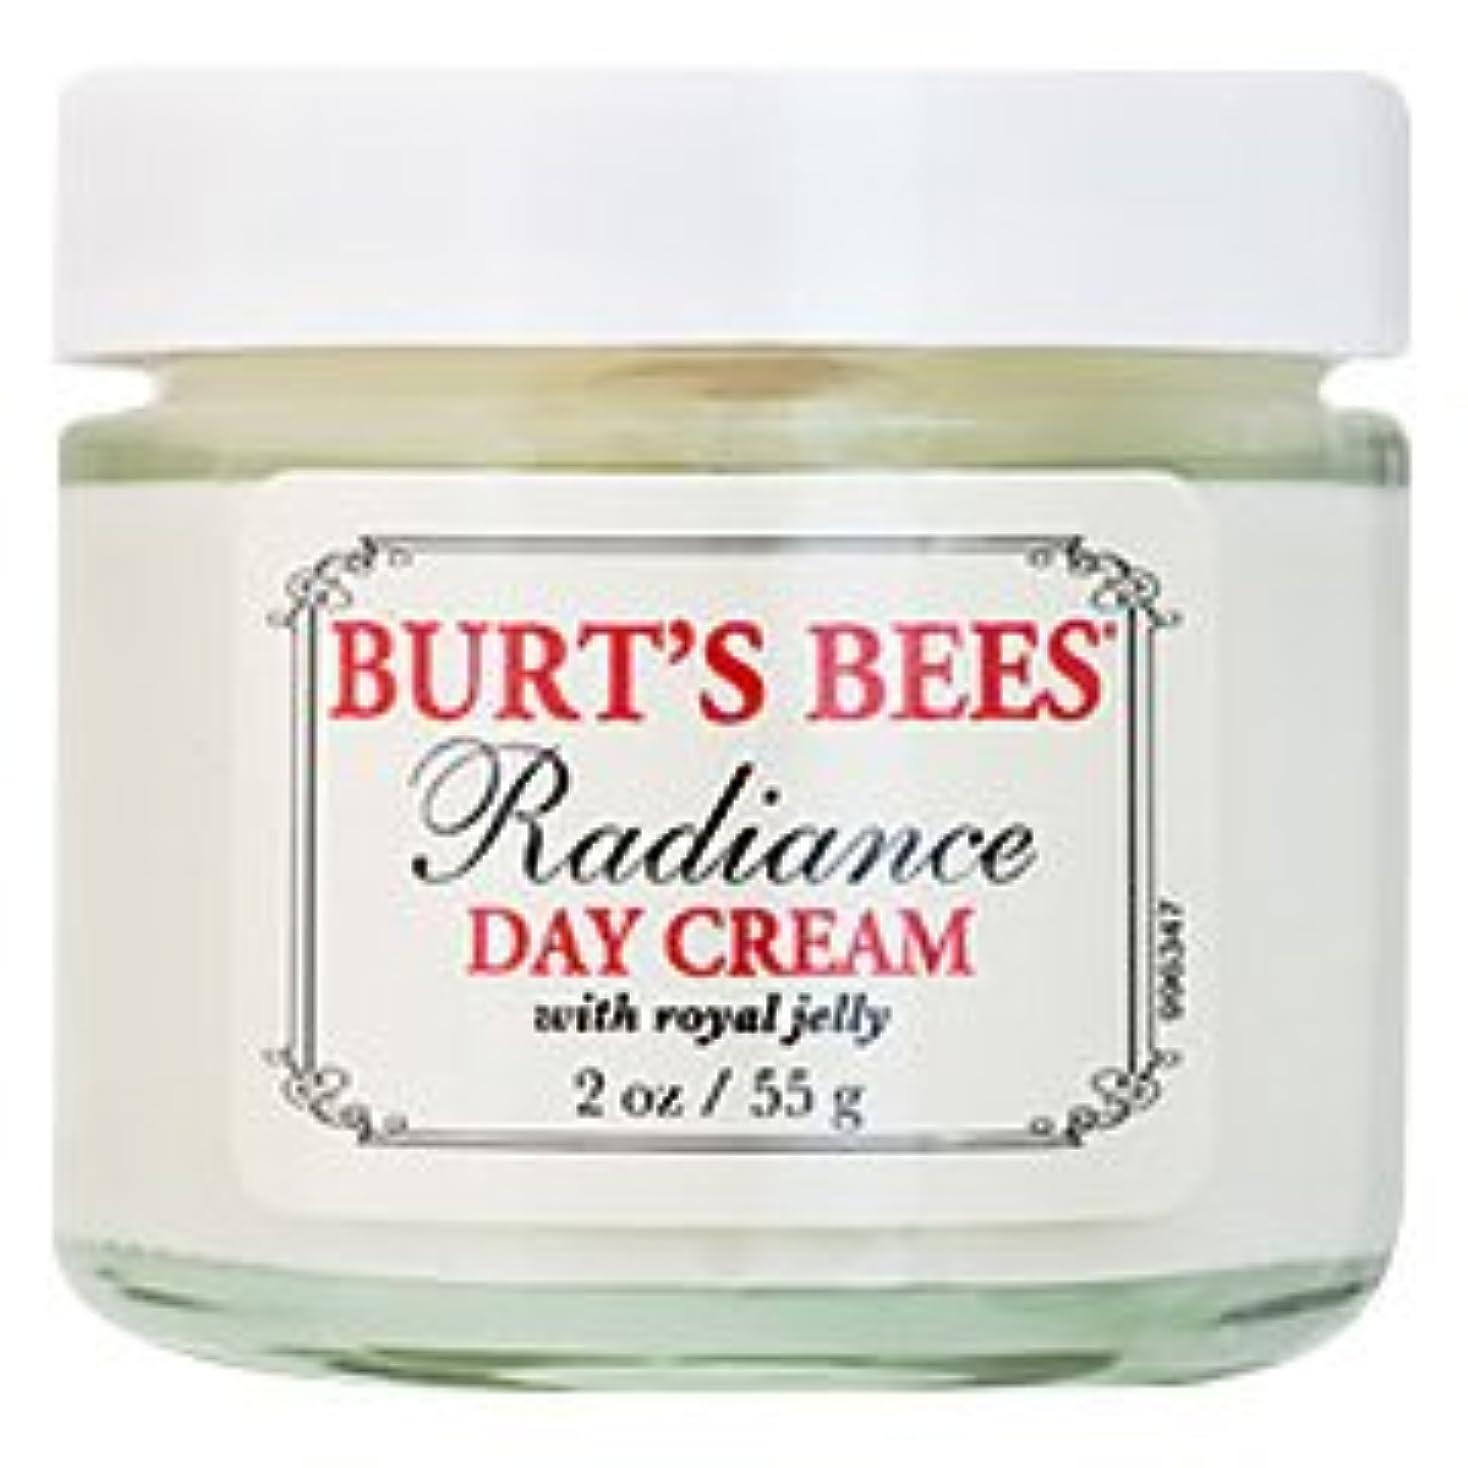 無謀ビデオ上院バーツビーズ(Burt's Bees) ラディアンス デイクリーム(ロイヤルジェリー) 55g [海外直送品][並行輸入品]